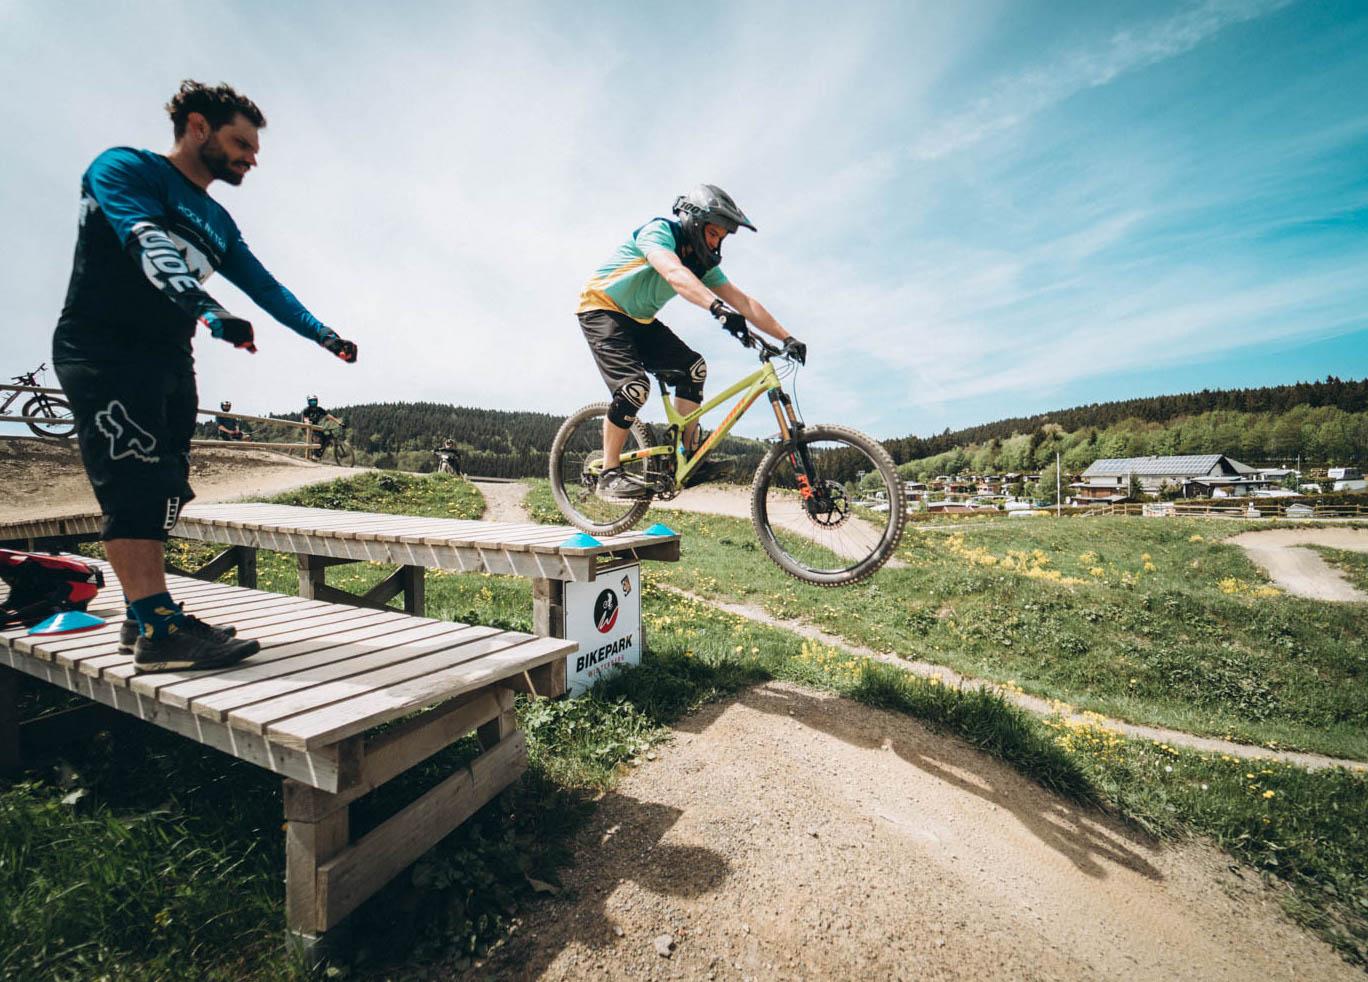 Fahrtechnik Kurse Bikepark Winterberg Rock my Trail Einsteiger Fortgeschritten Anfänger Kinder Jugend Camps Privat Bikeschule Trainer